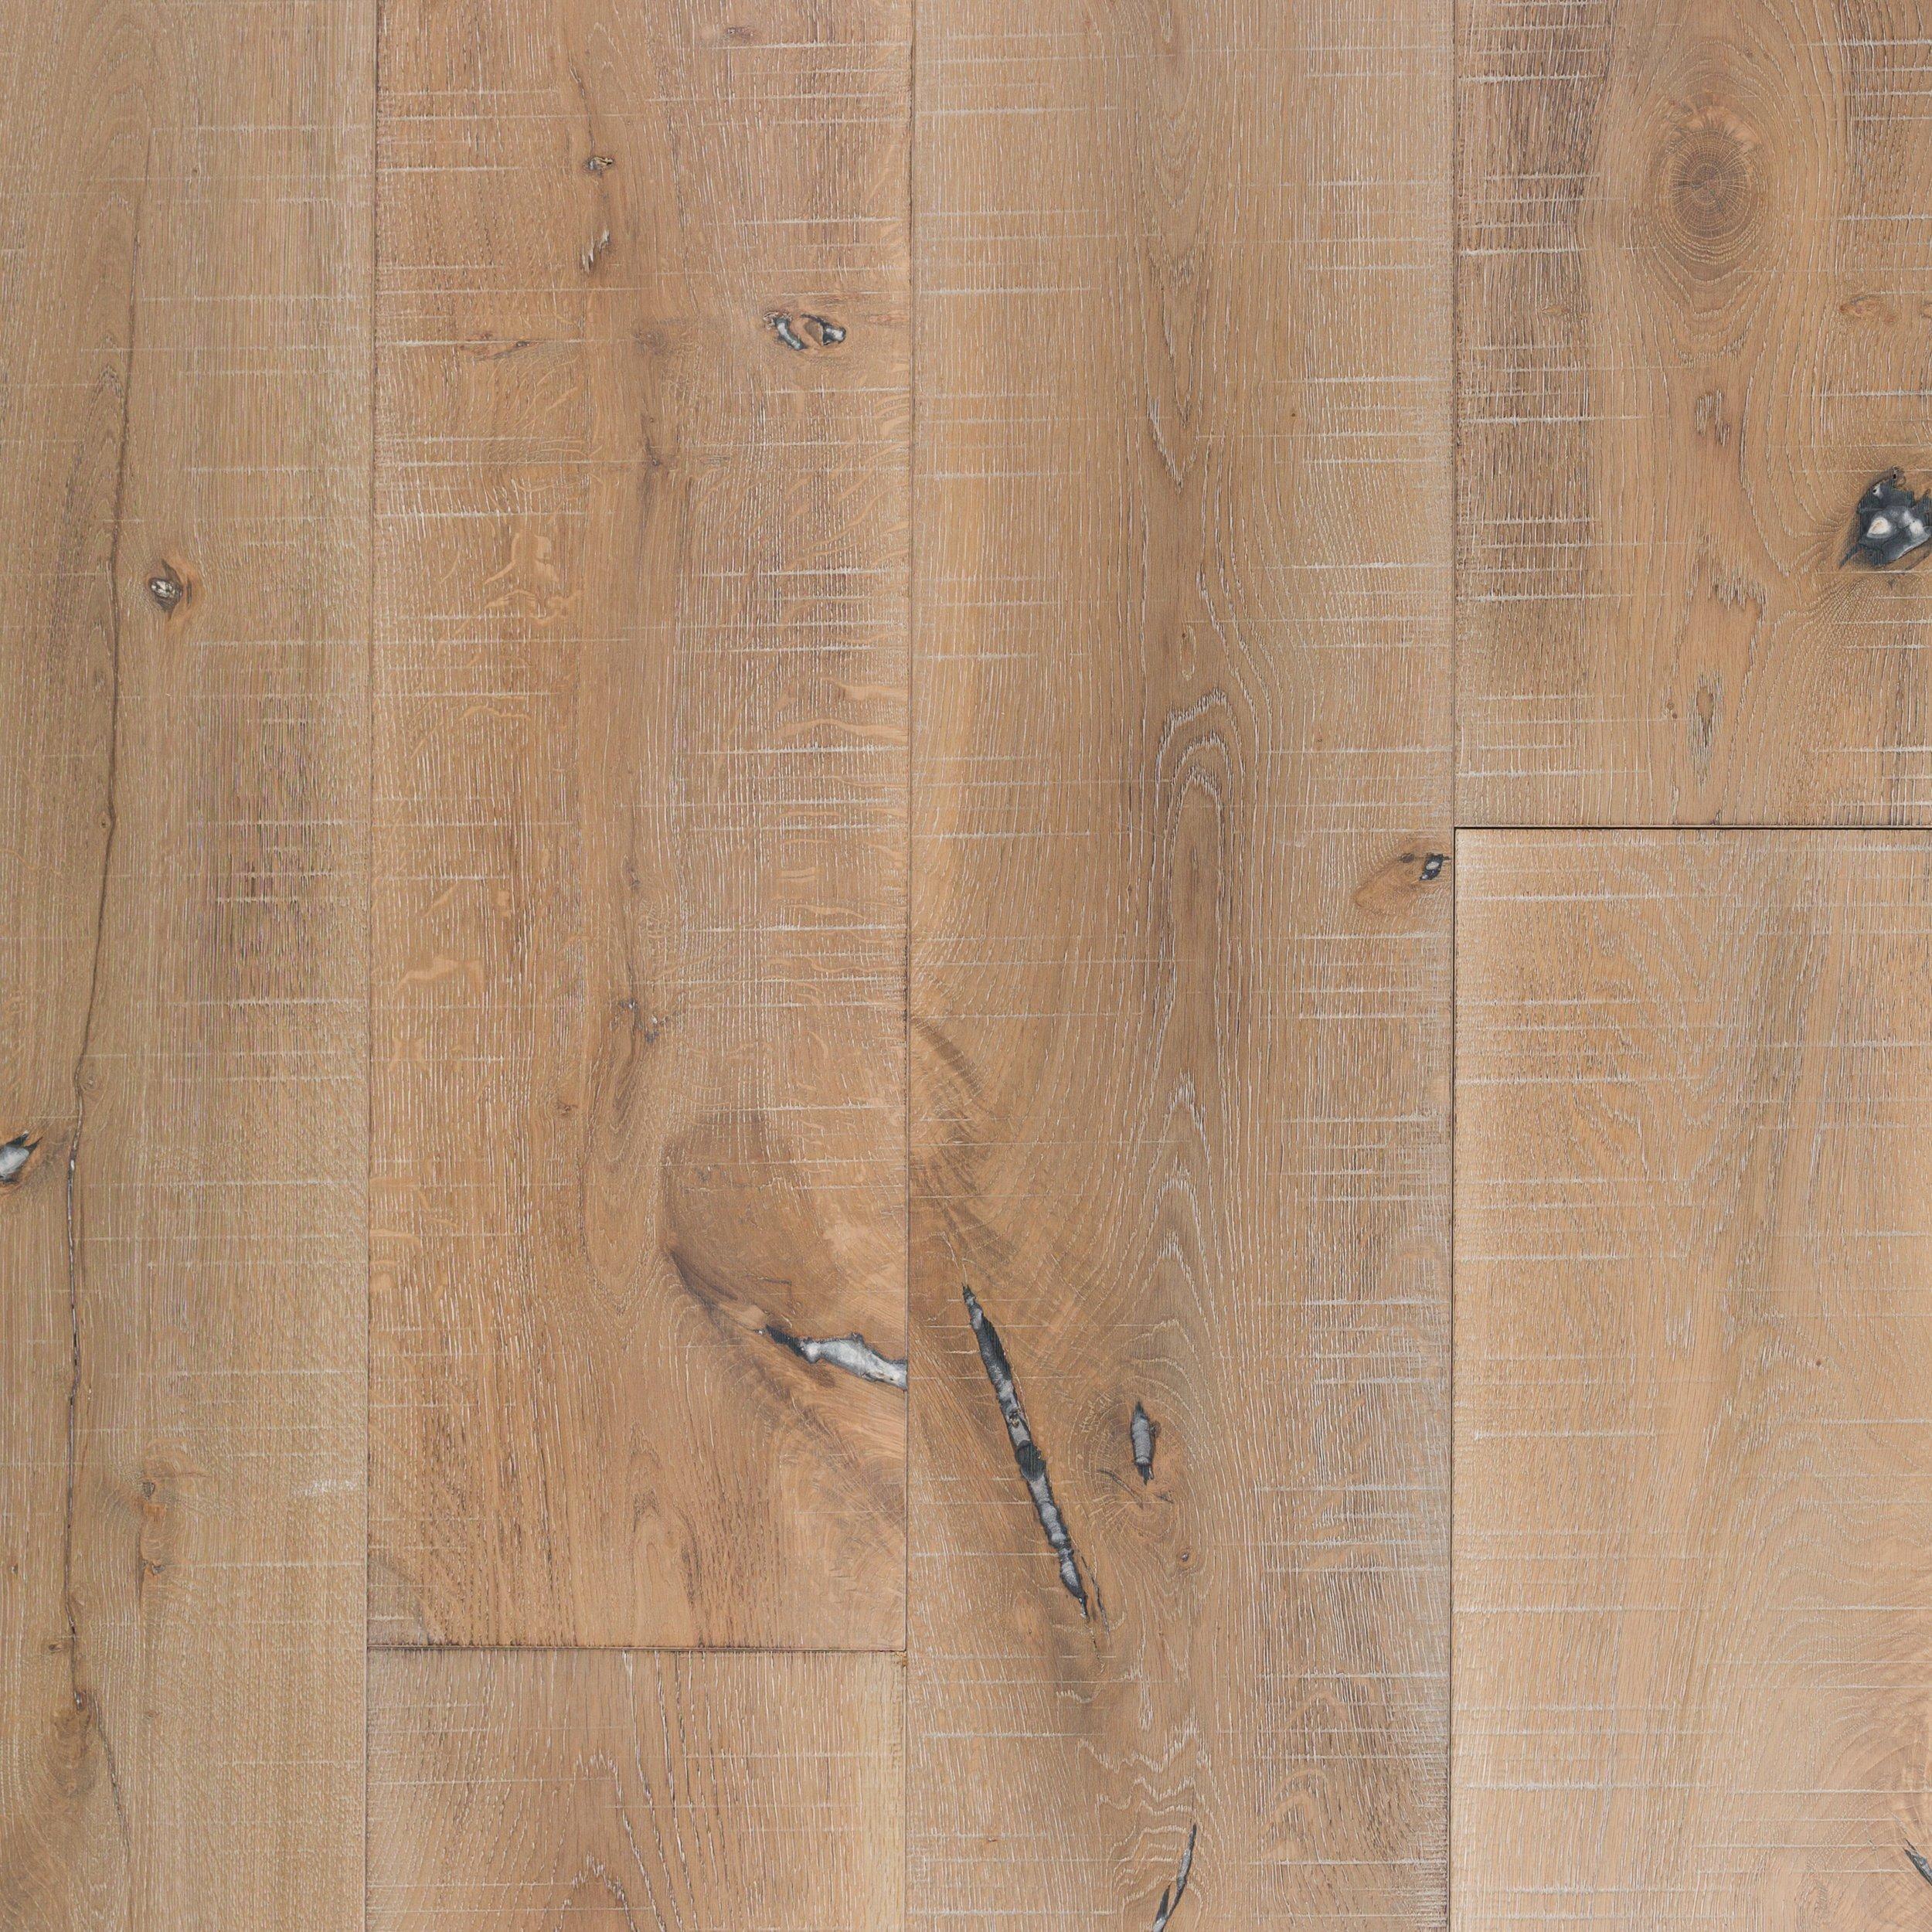 European Oak Rustic Distressed Engineered Hardwood in 2020